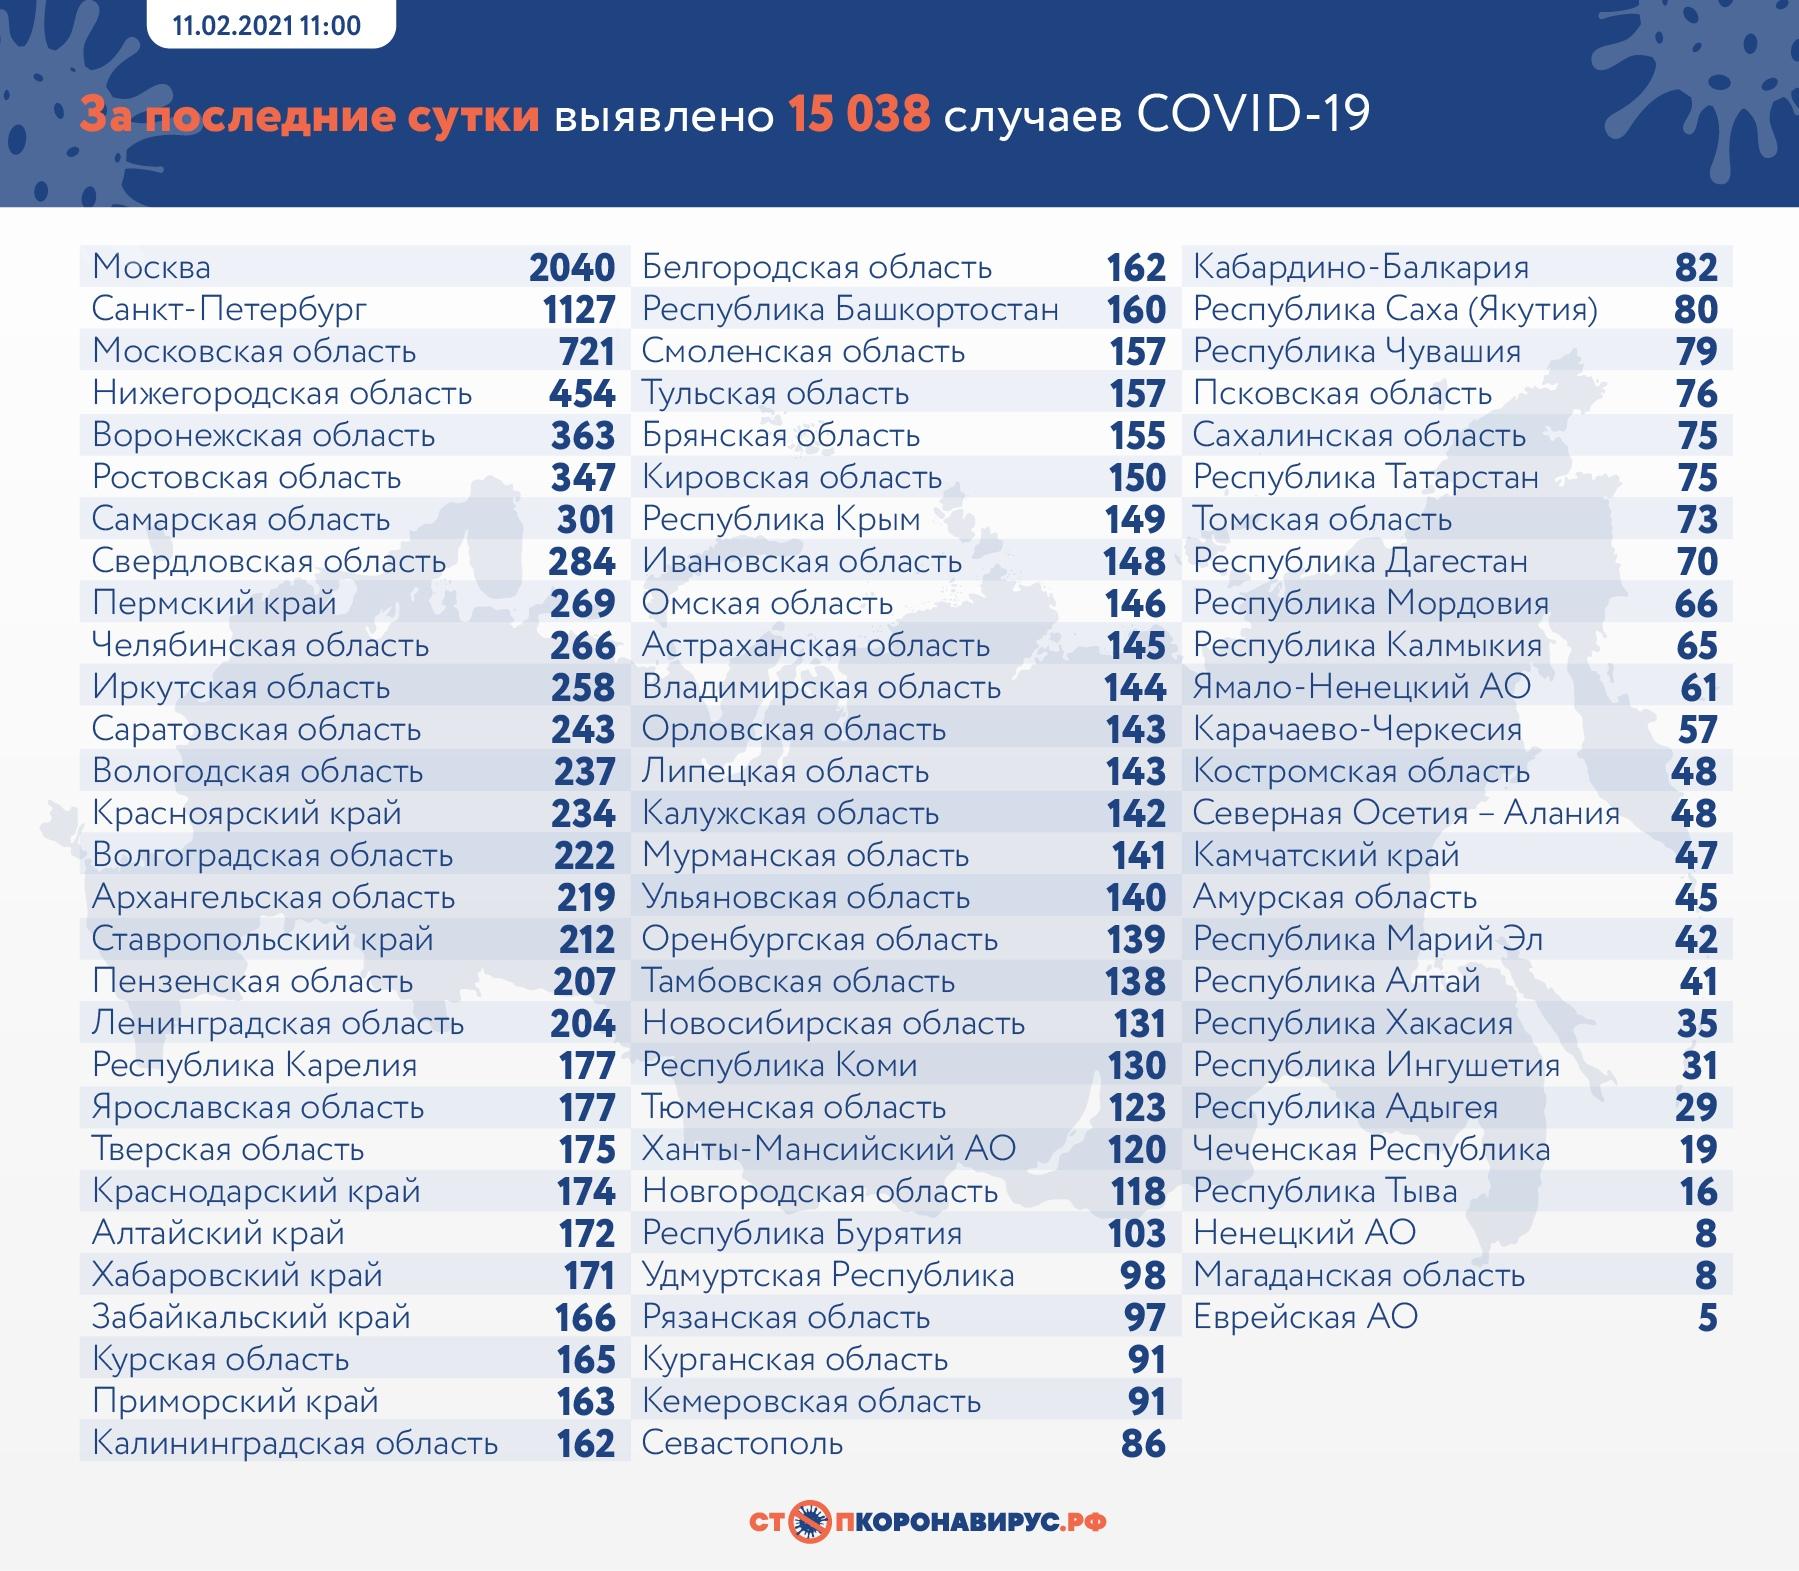 Тольятти два дня подряд лидирует по COVID-19 в Самарской области